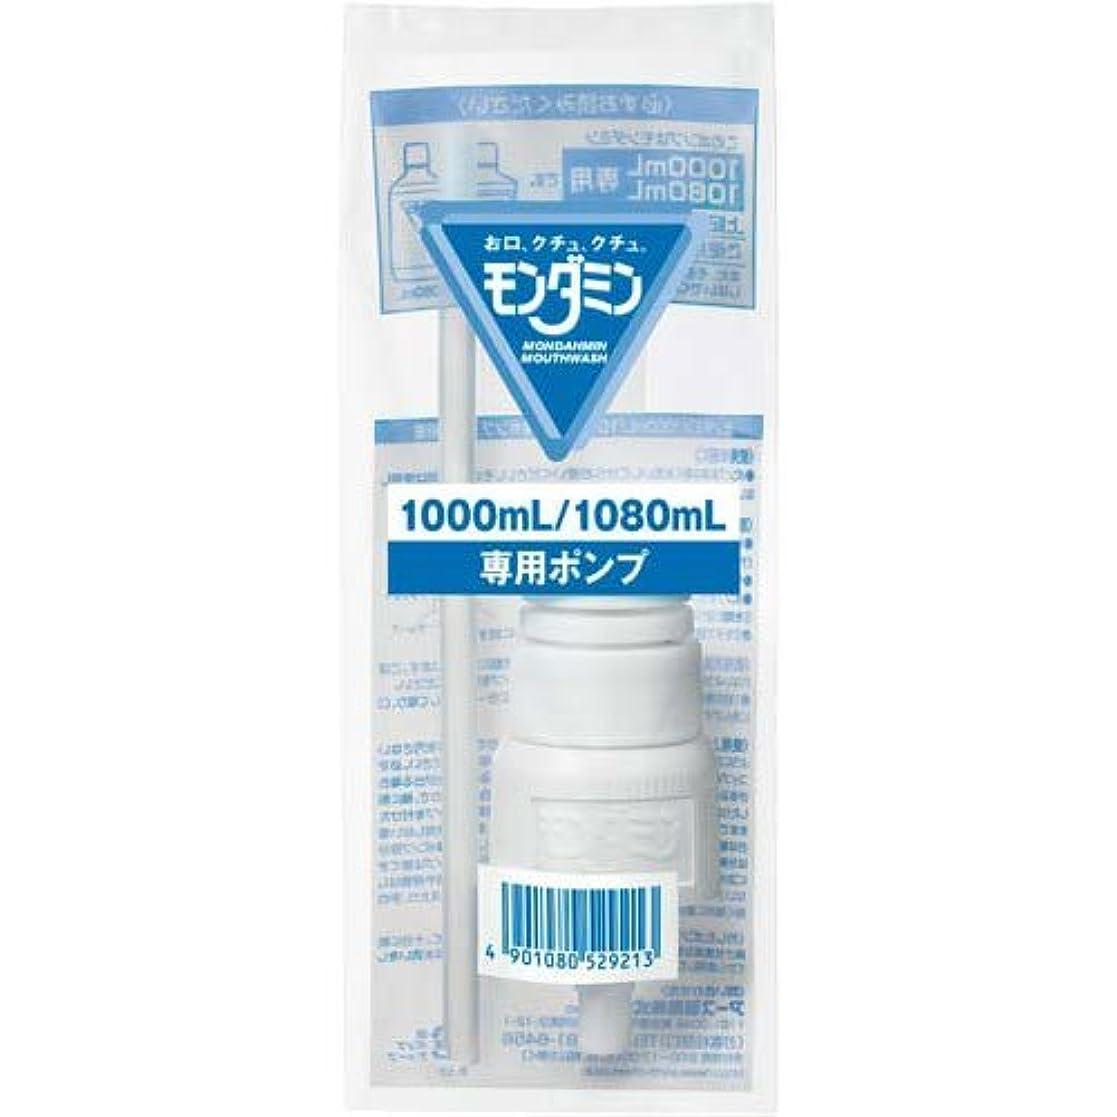 成熟自宅でピービッシュアース製薬 モンダミン1080ml専用ポンプ